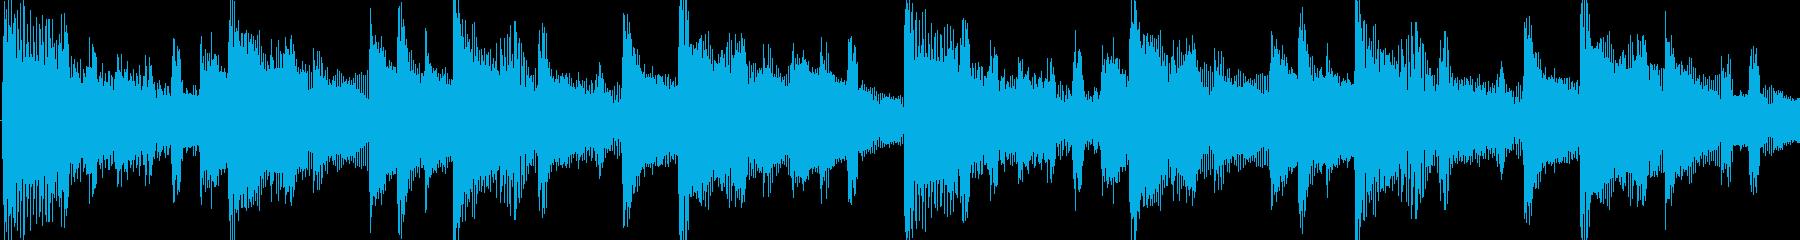 和む、でも少しクールなBGM-ループの再生済みの波形